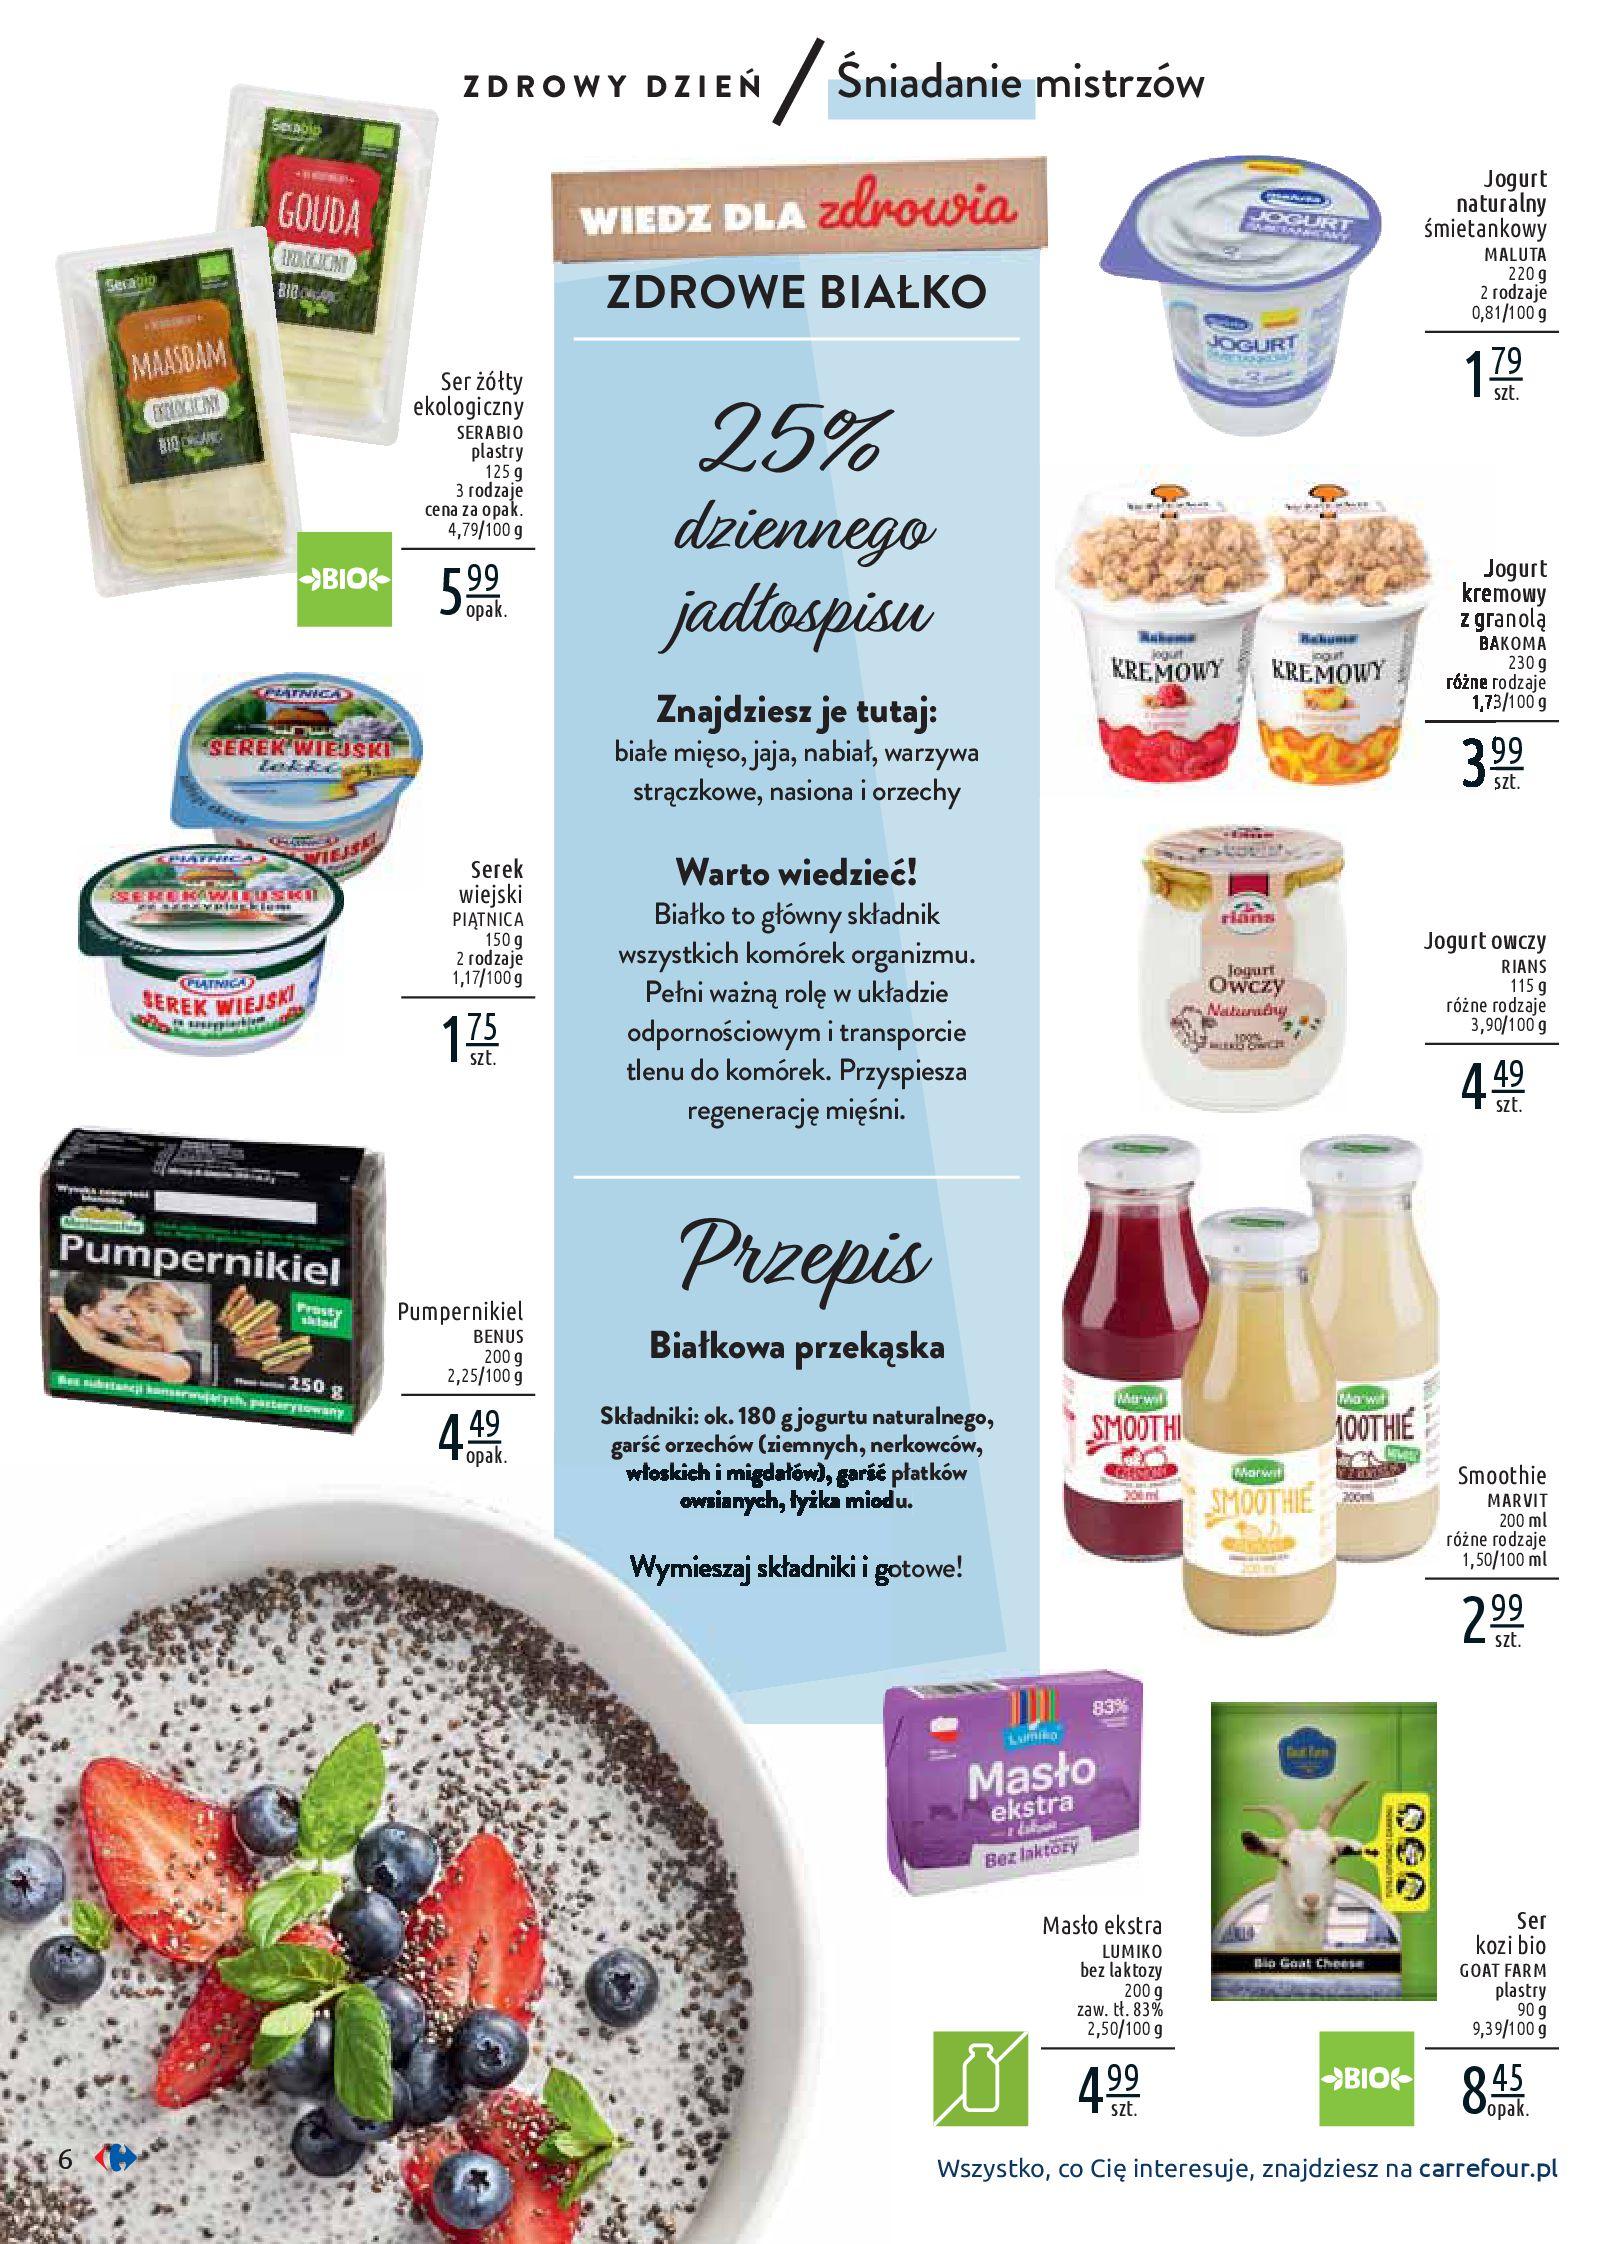 Gazetka Carrefour - Wiedz dla zdrowia-07.01.2020-18.01.2020-page-6